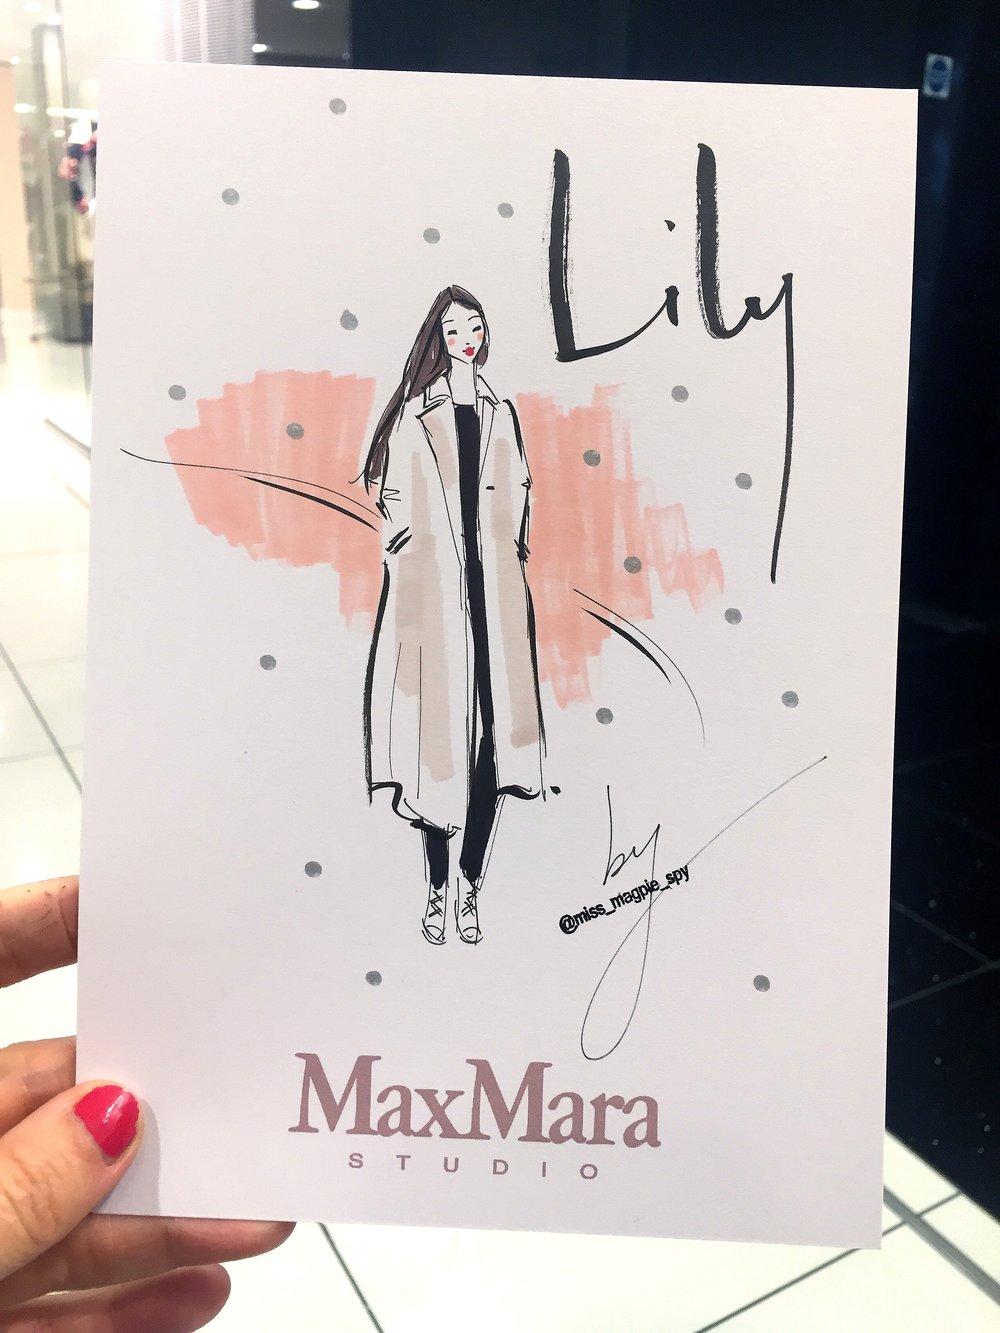 A recent 8 minute illustration at a MaxMara event